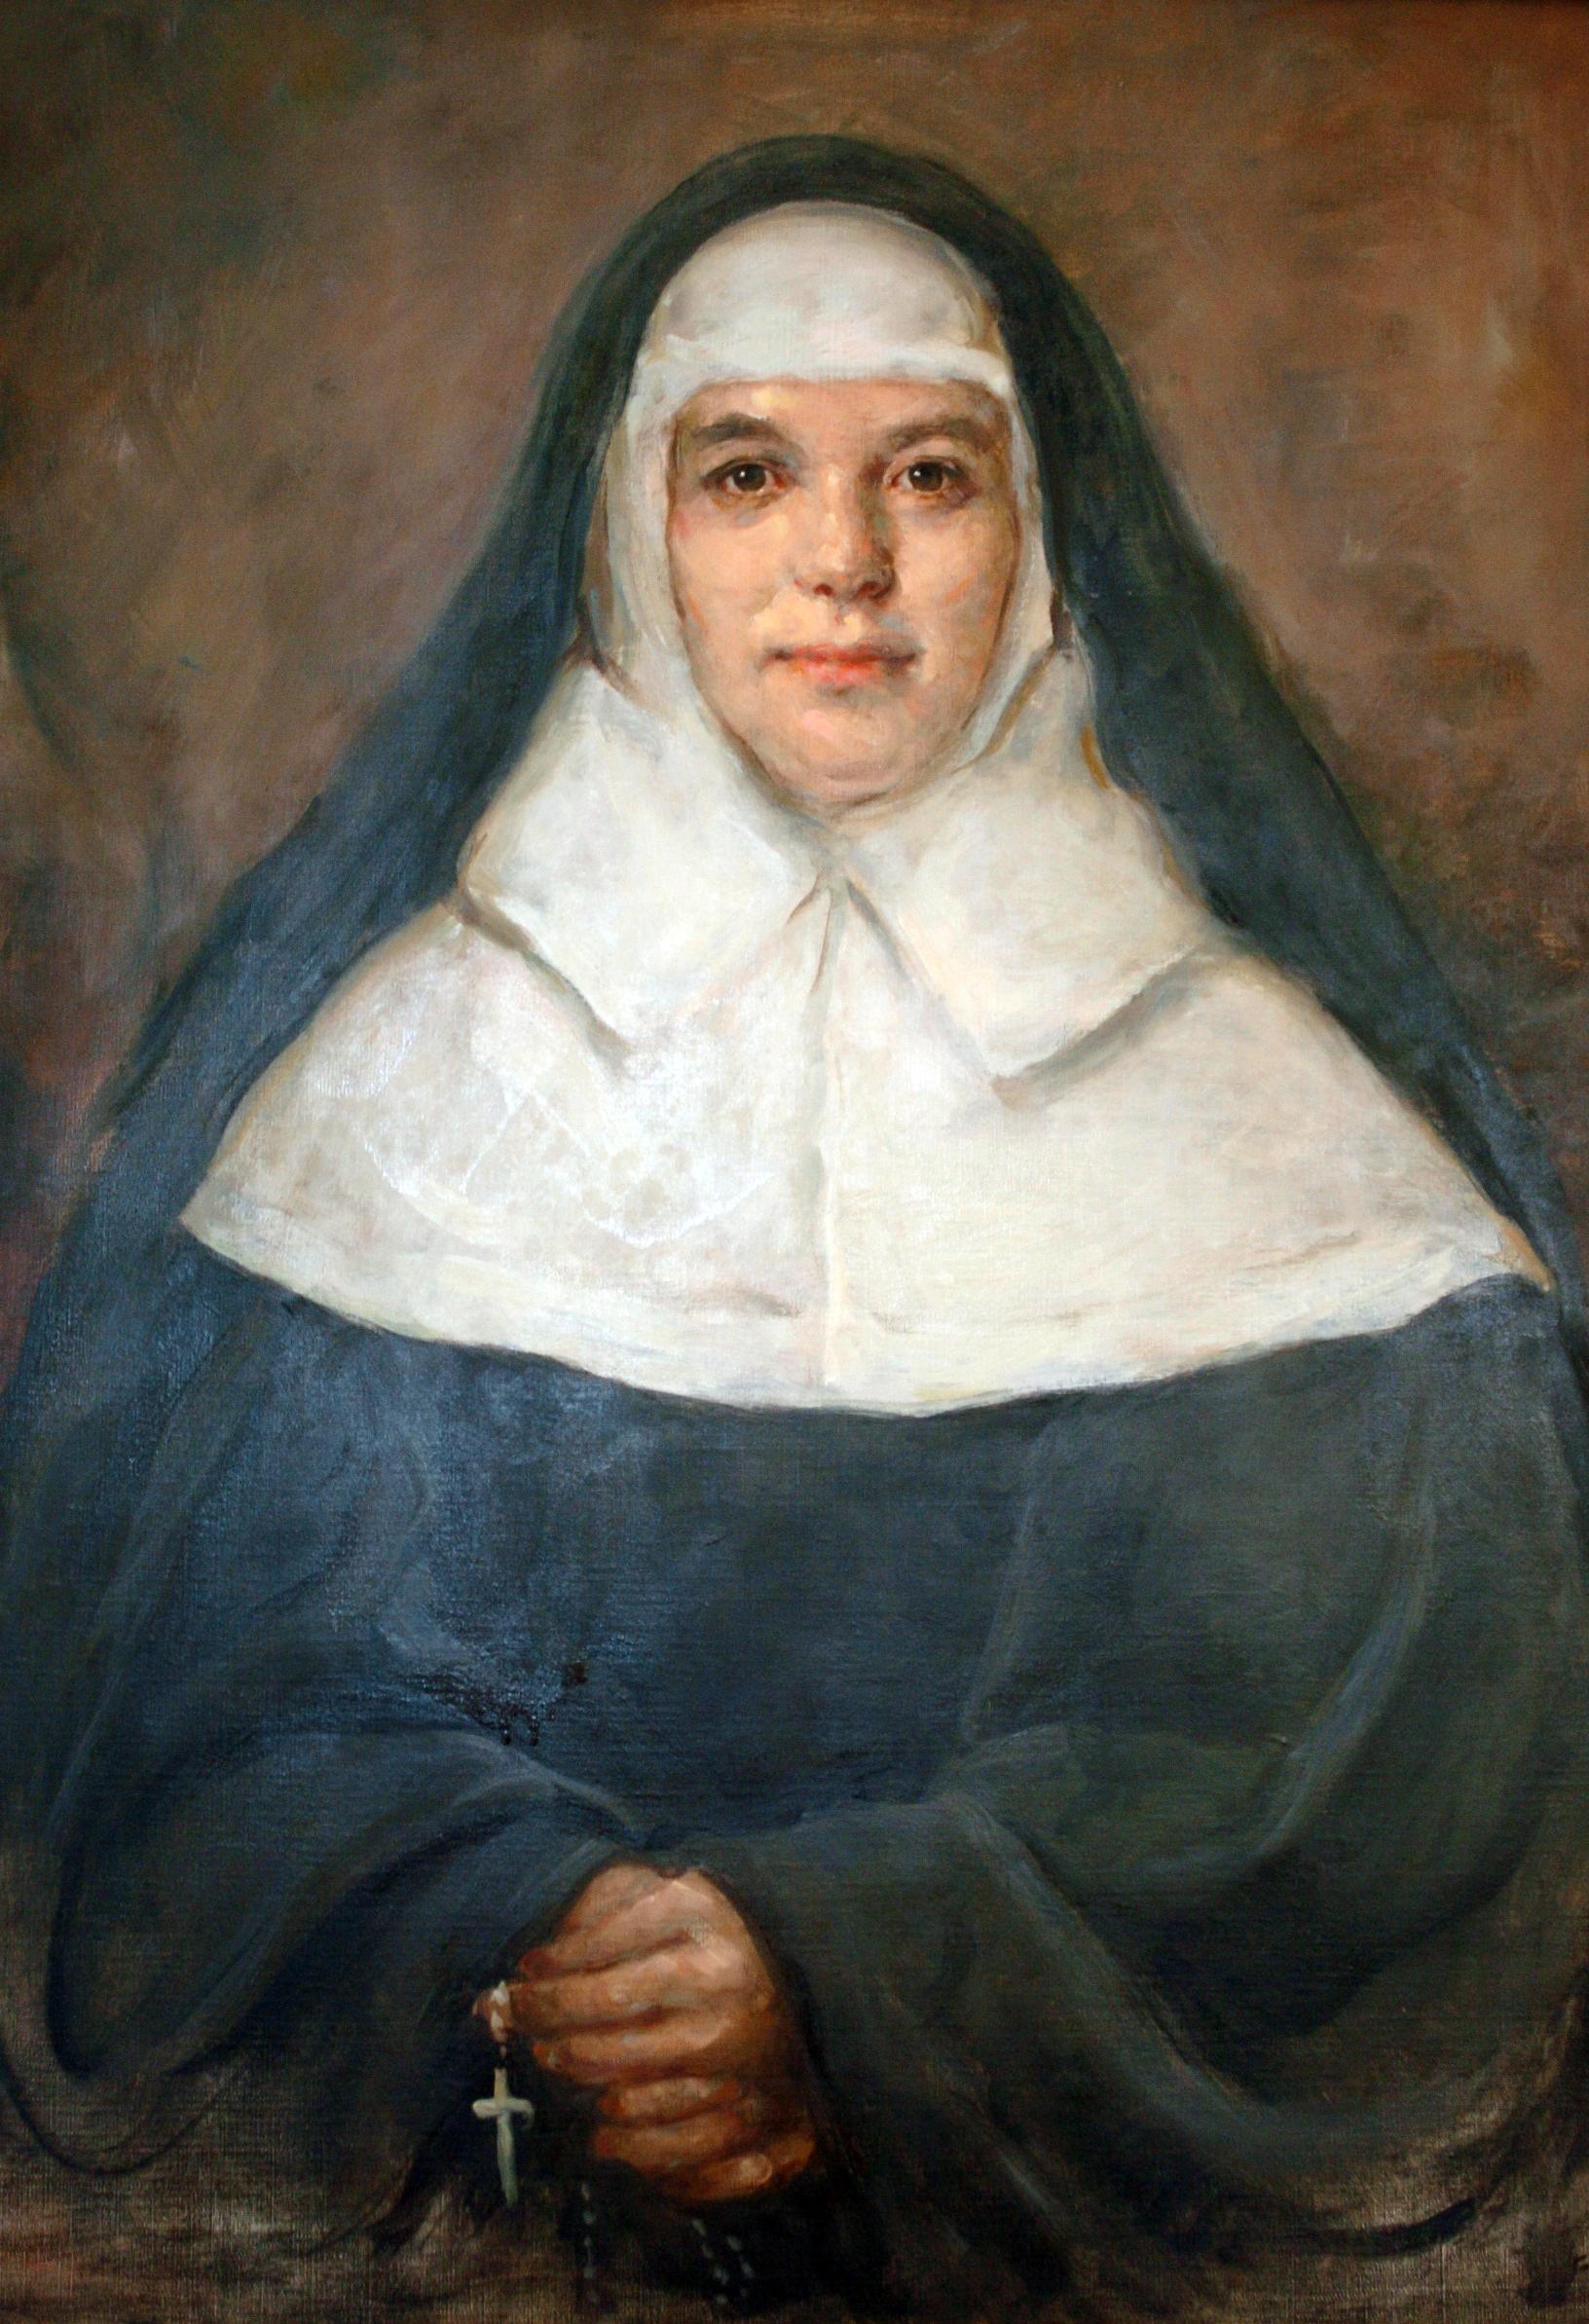 Madre Agatha O'Brien